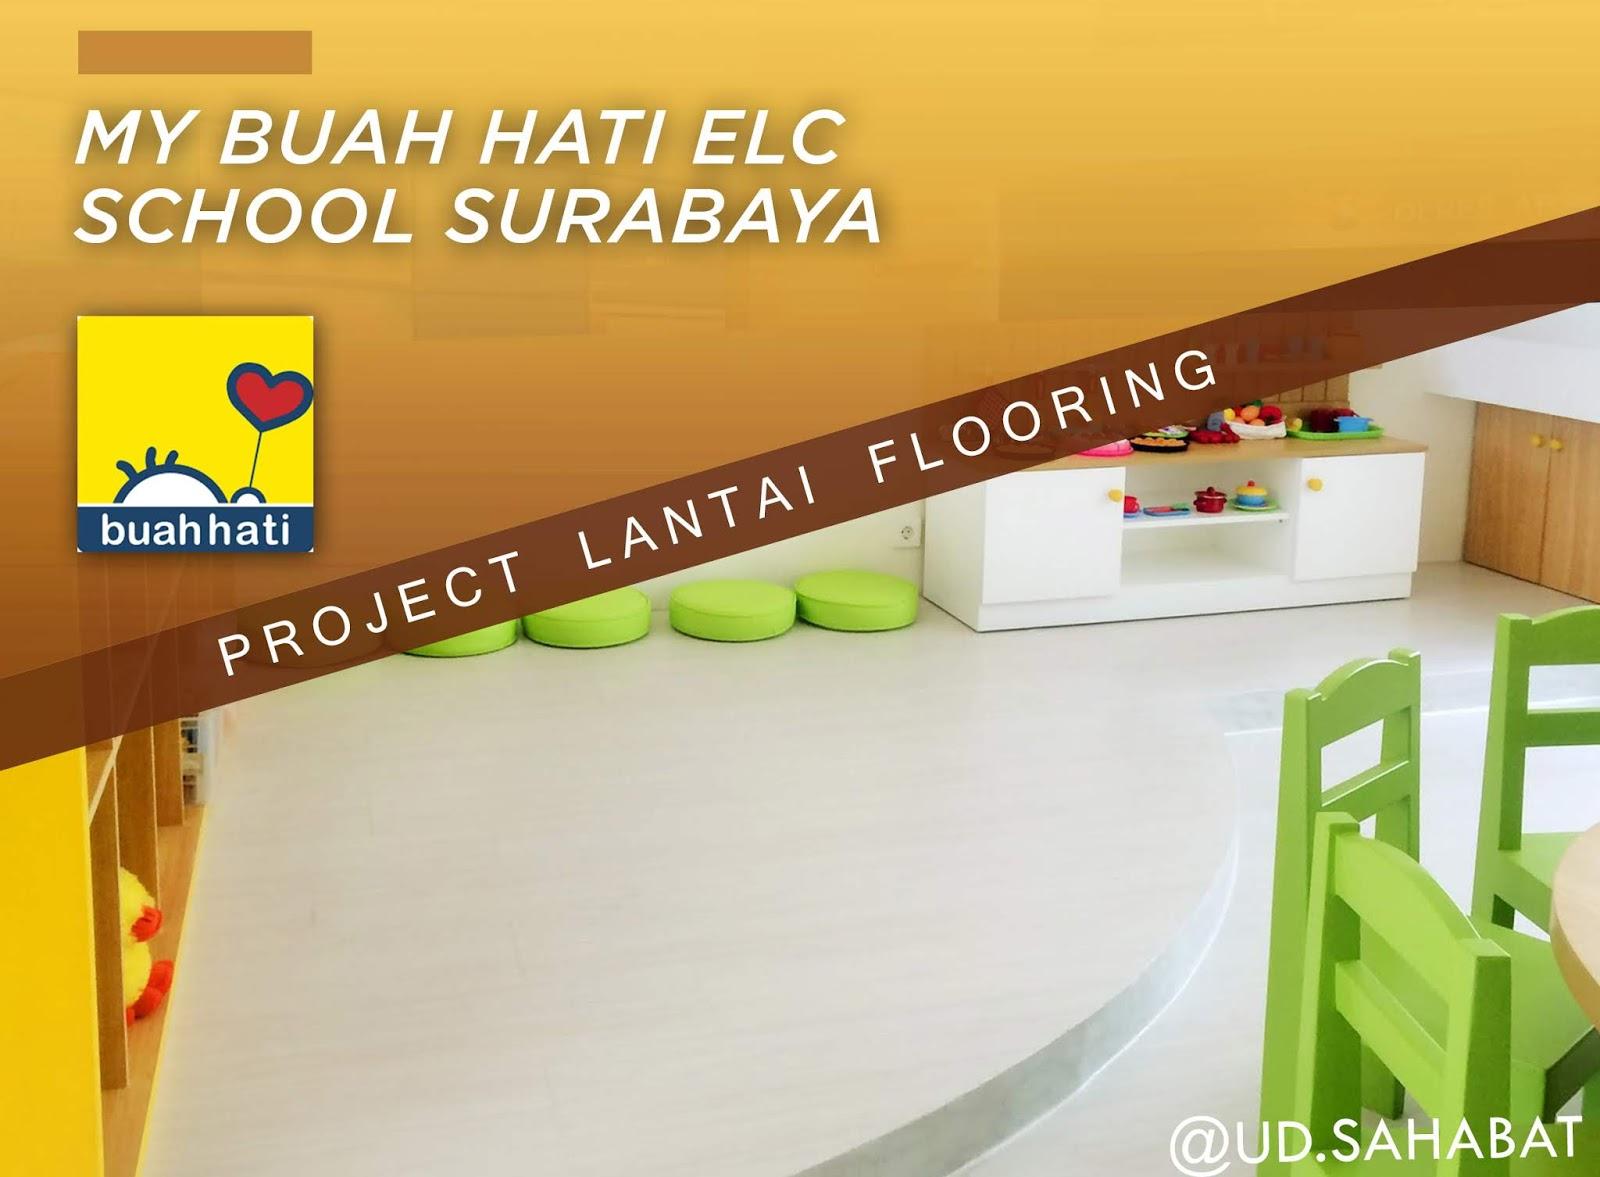 jual lantai kayu putih surabaya toko UD SAHABAT